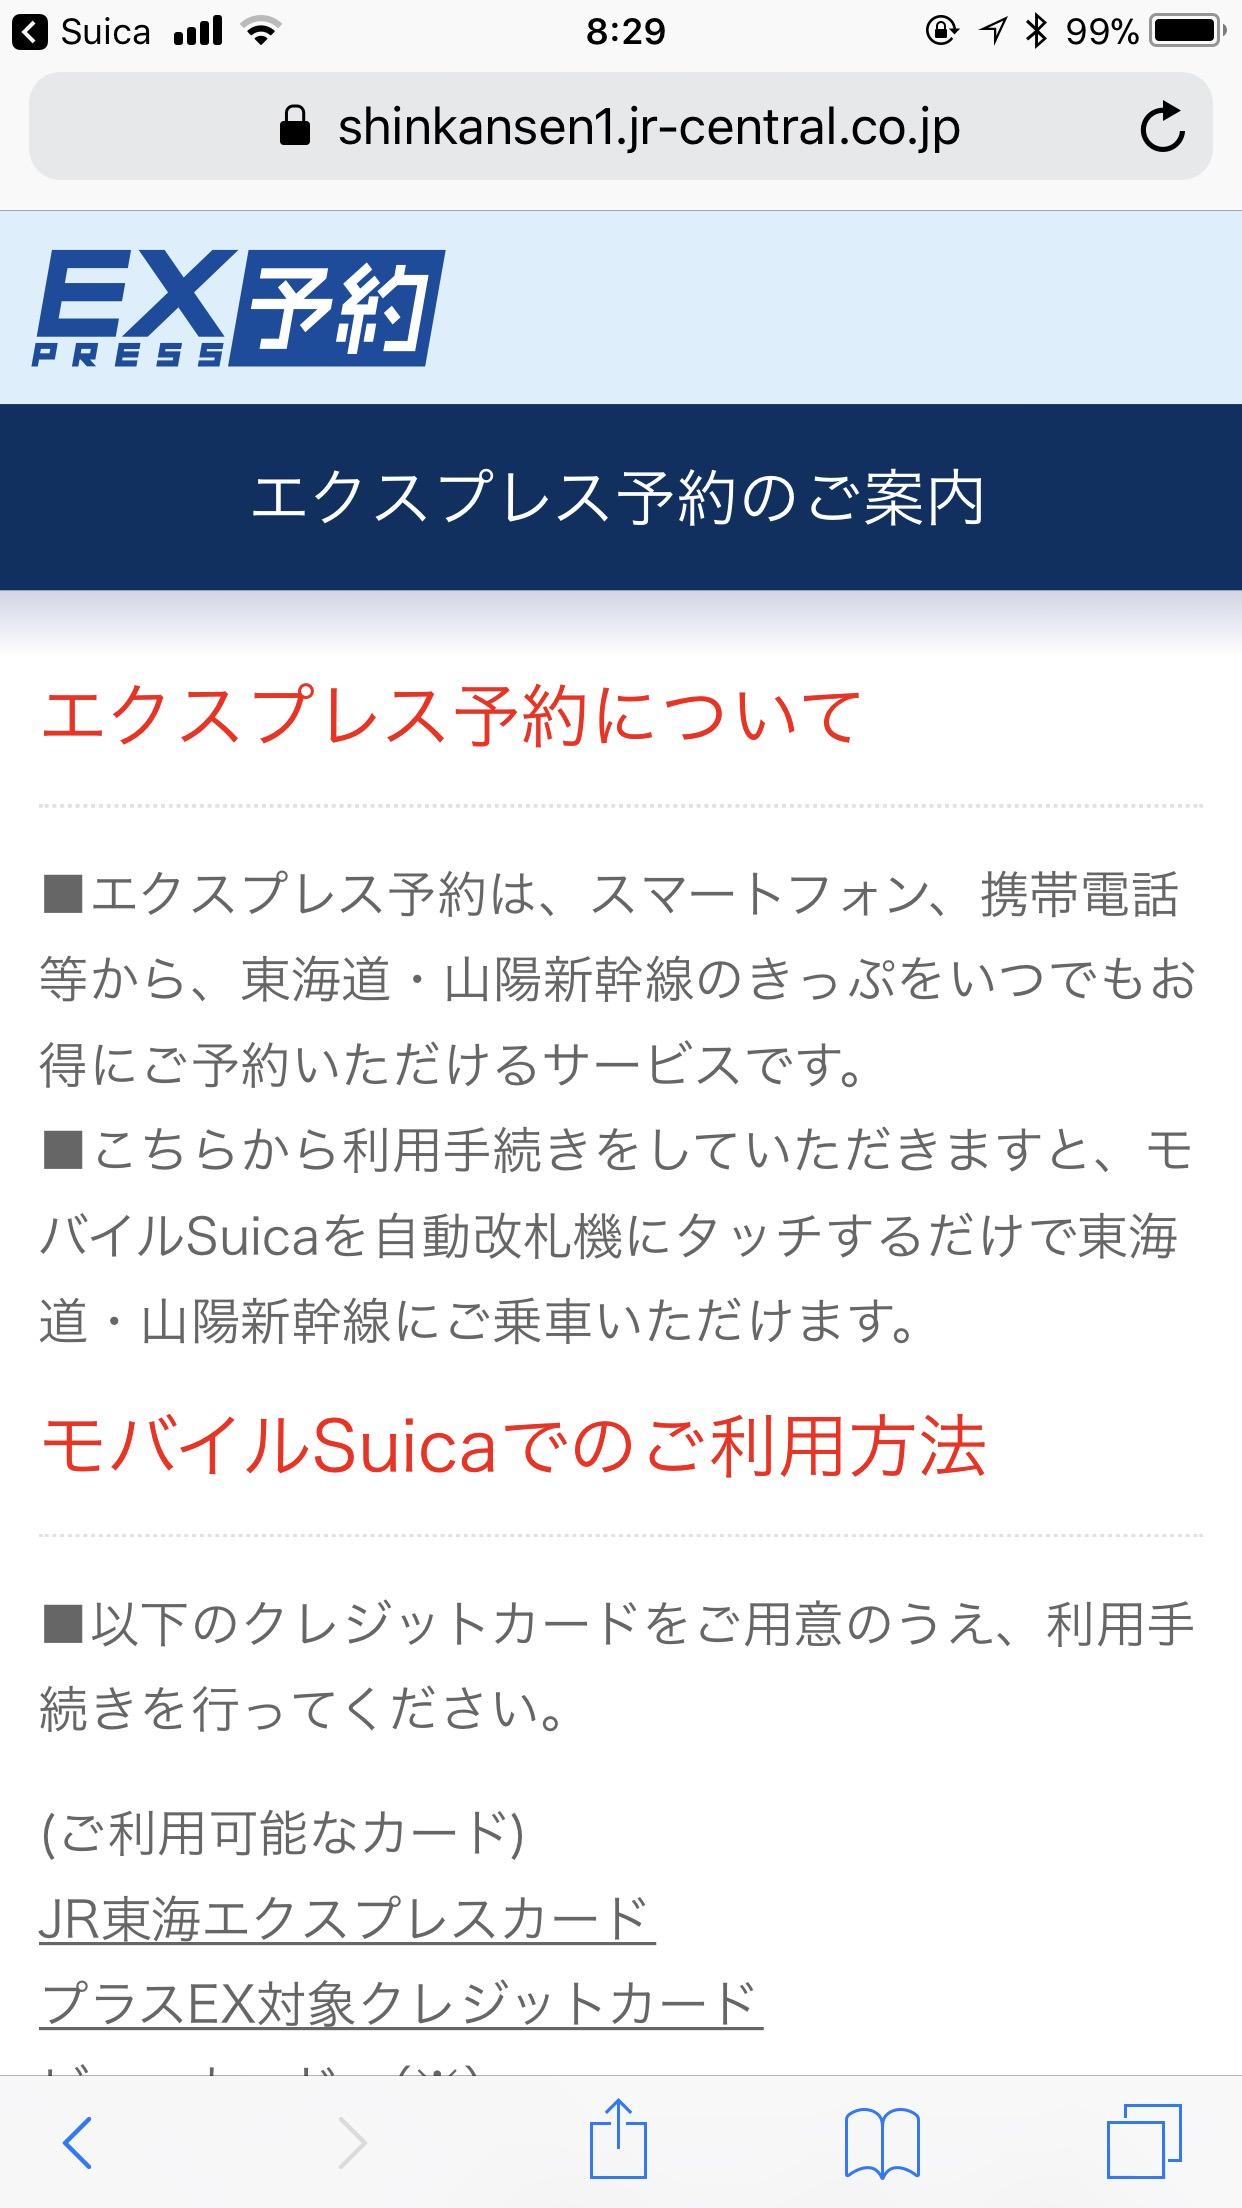 Suica ex mobile 9395